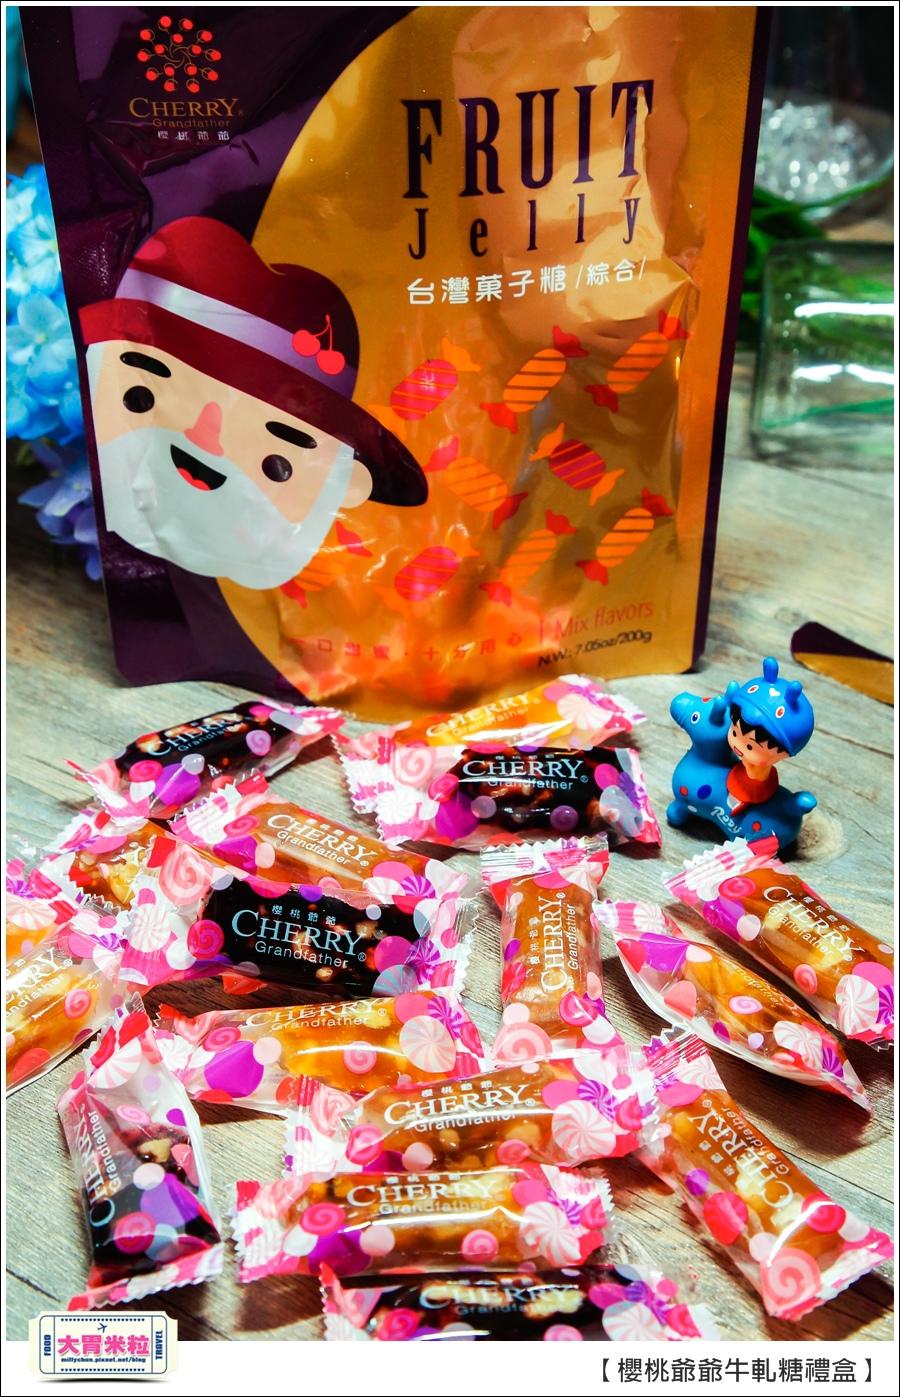 櫻桃爺爺手工牛軋糖禮盒推薦@大胃米粒0038.jpg